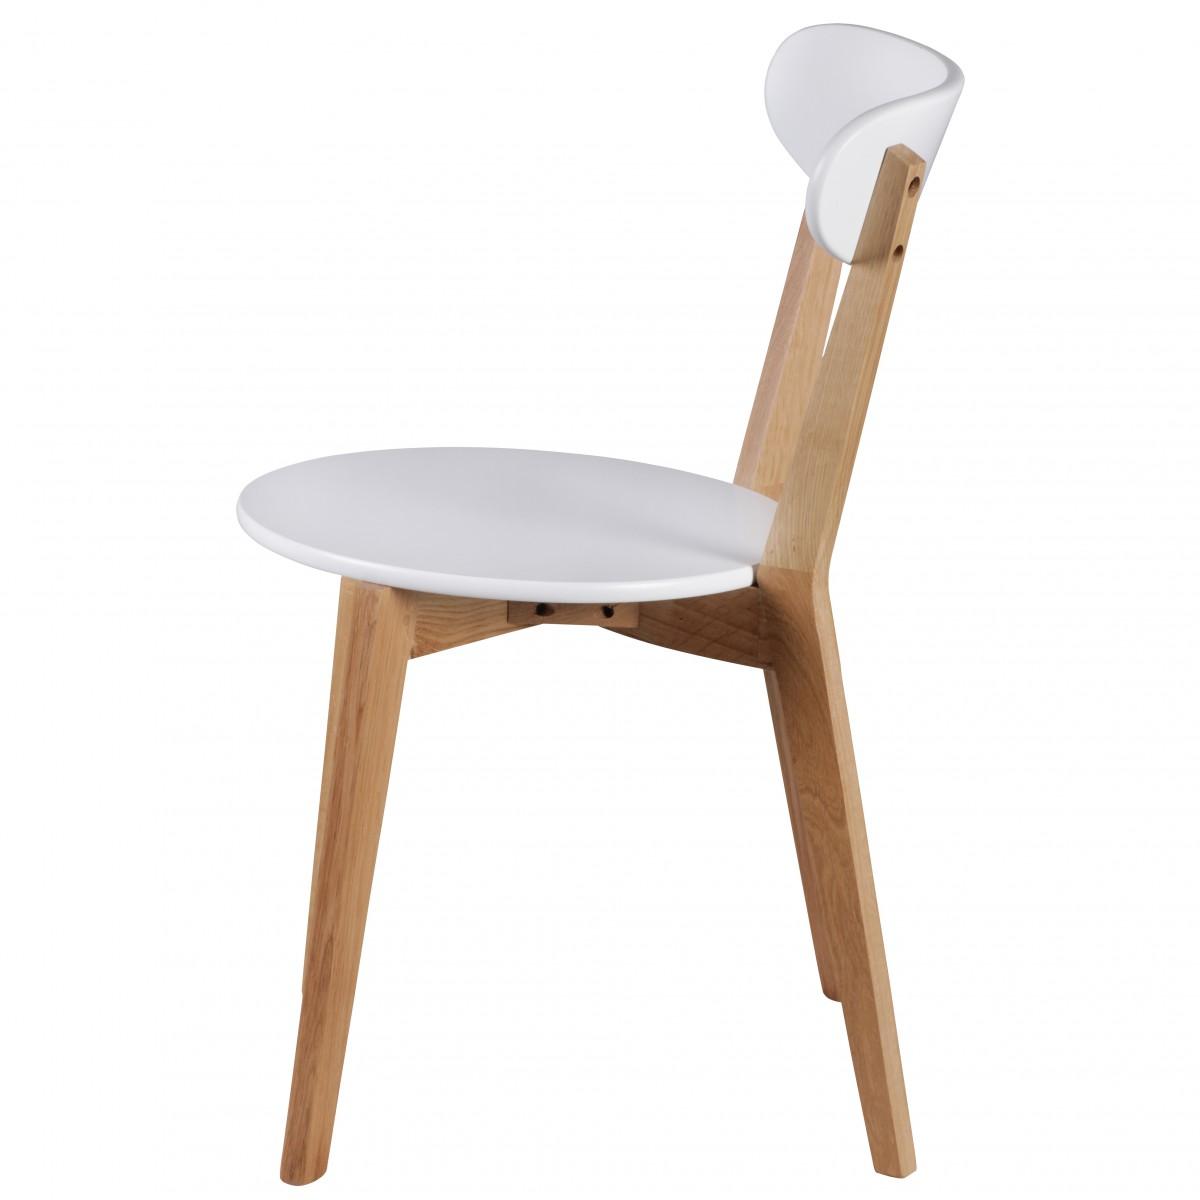 WOHNLING 2er Set Esszimmerstühle SCANIO MDF Weiß Design Holz-Stühle ...